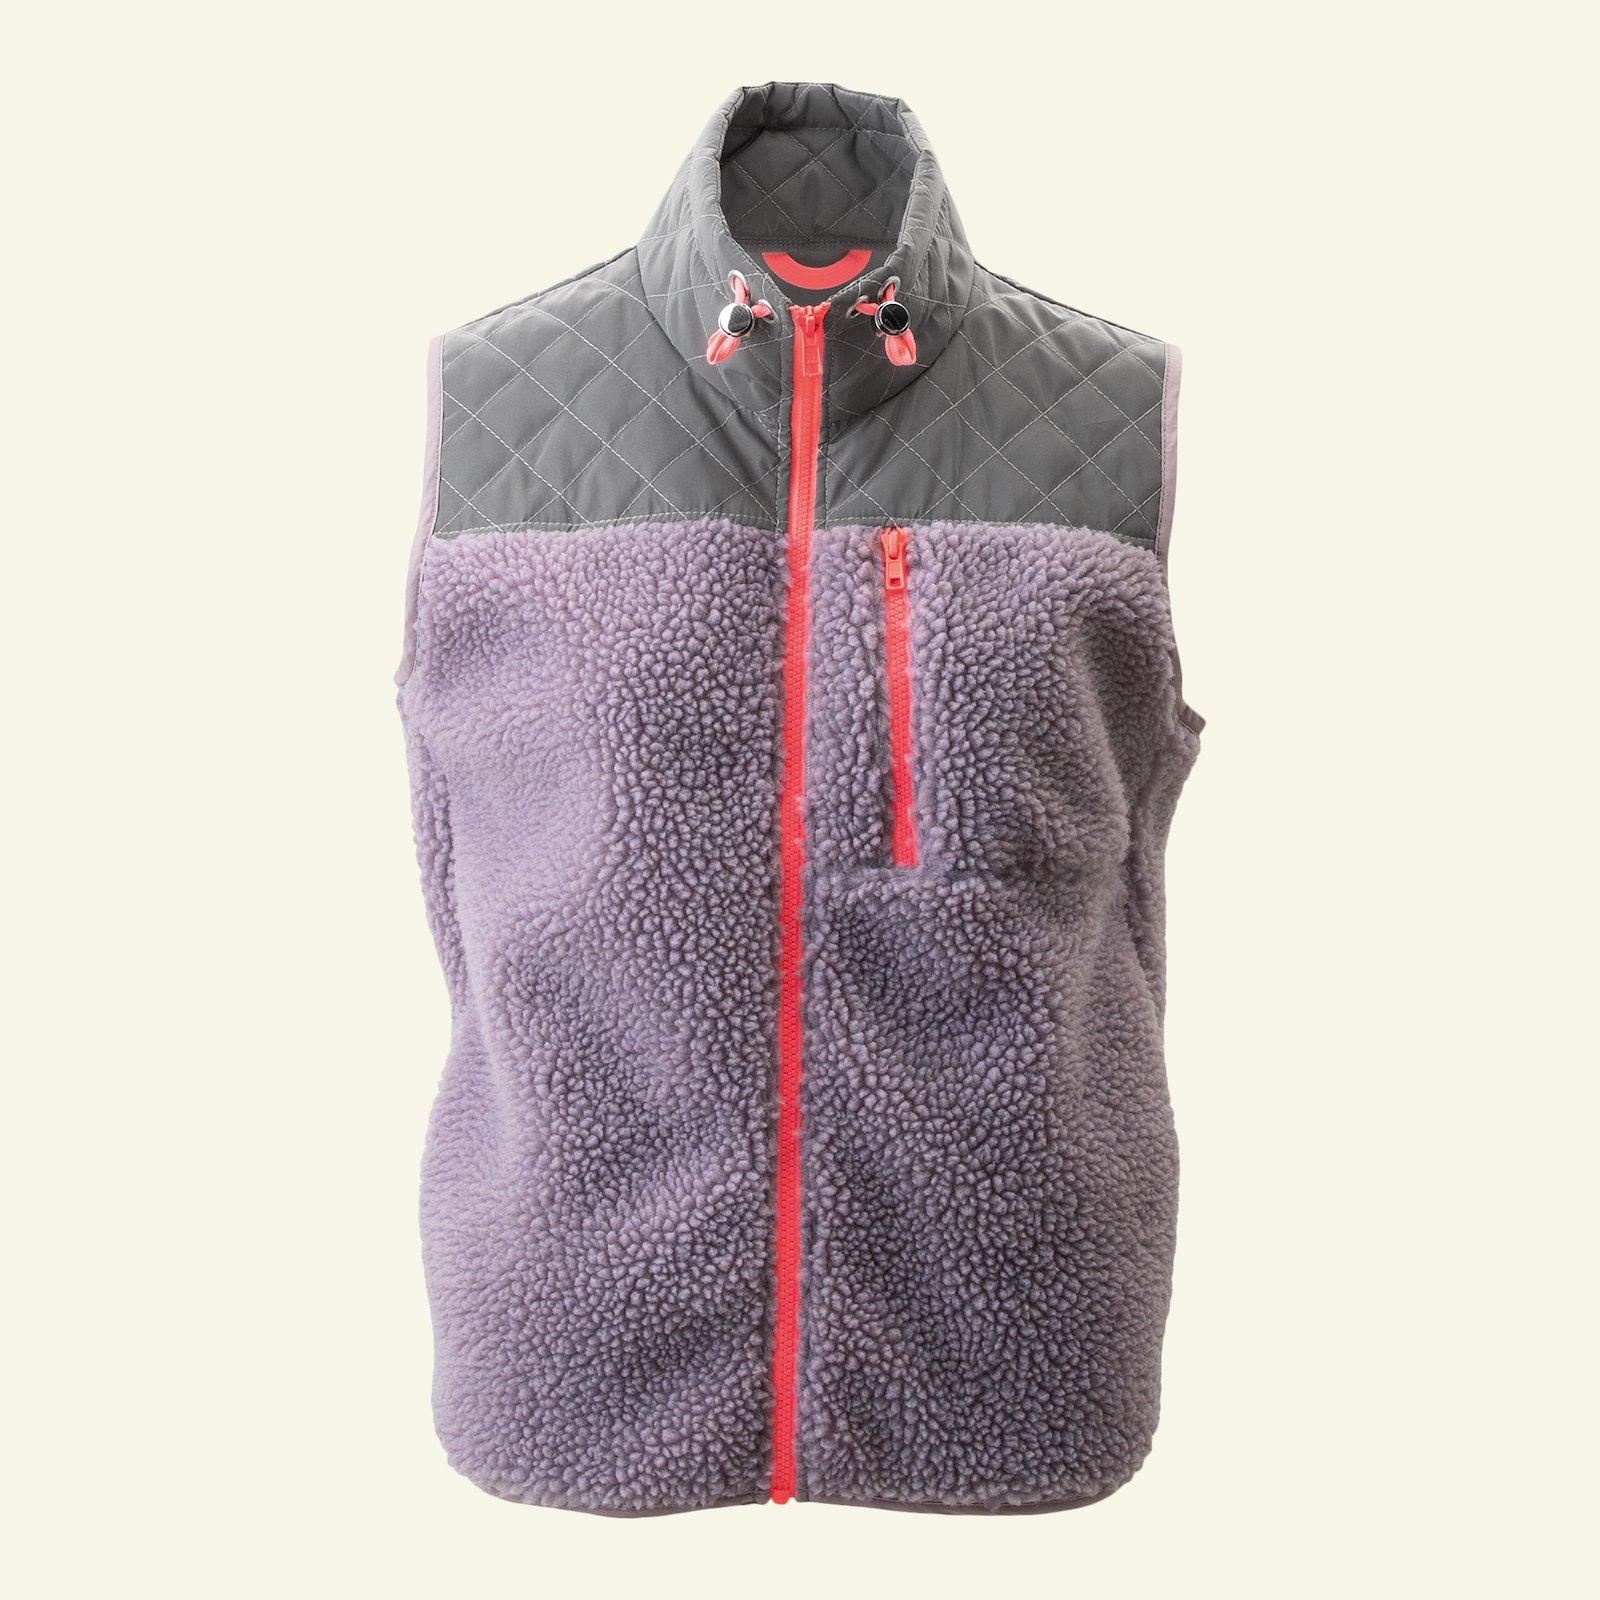 Jacket and waistcoat p24049_600533_910285_8040_20722_43689_43706_sskit